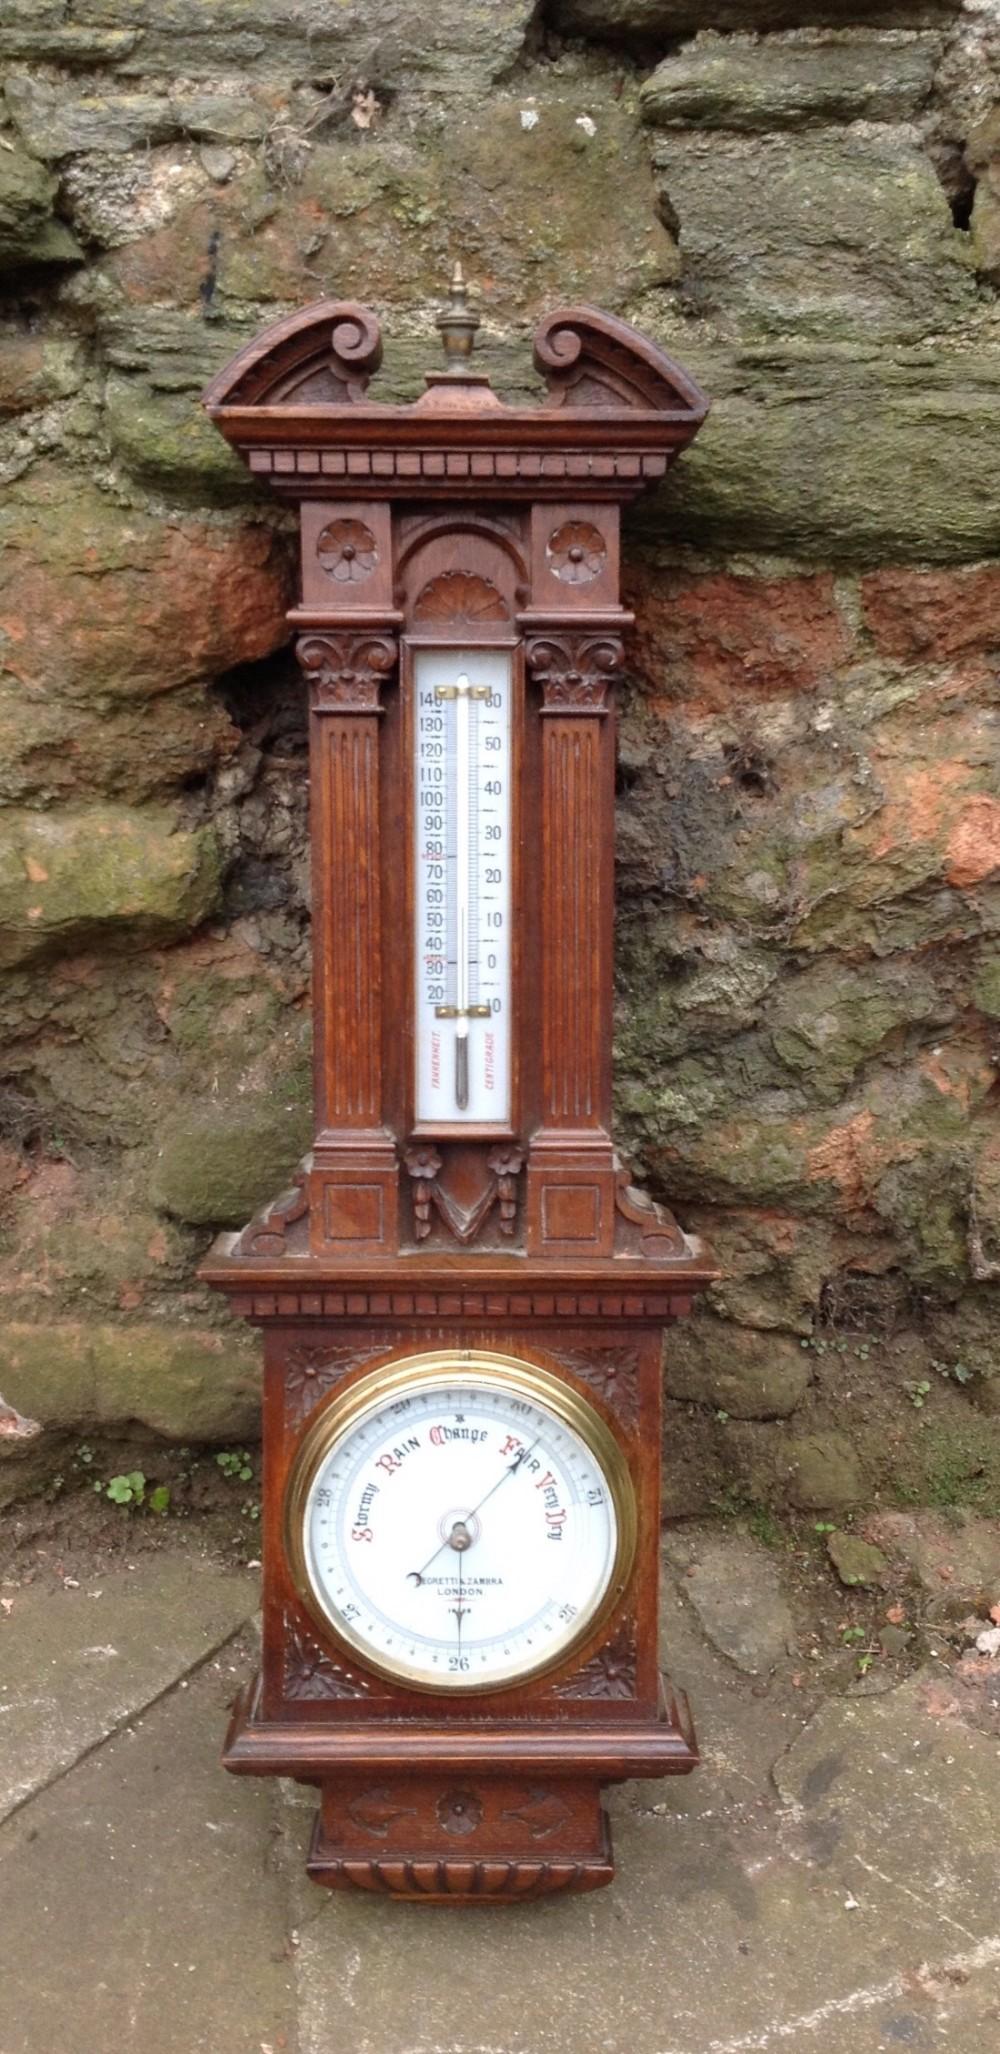 c19th negretti and zambra aneroid barometer